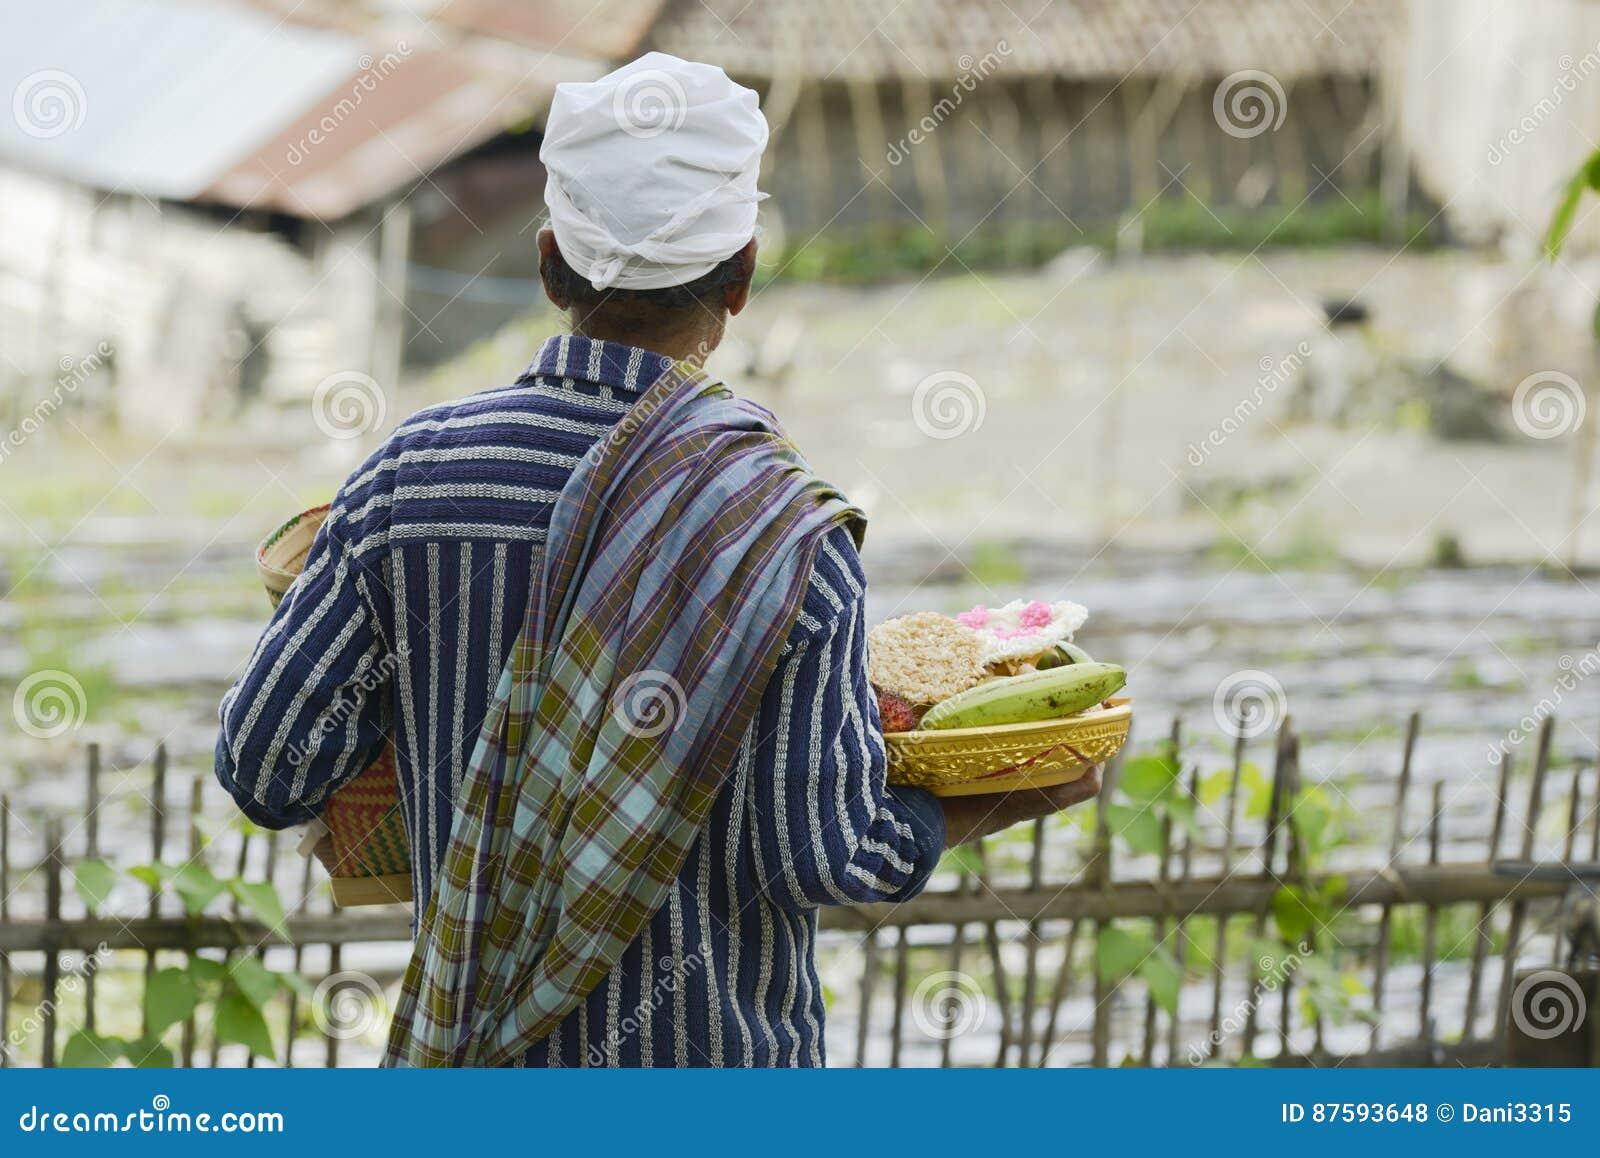 Balijczyka mężczyzna przynosi tradycyjną ofiarę Hinduska świątynia